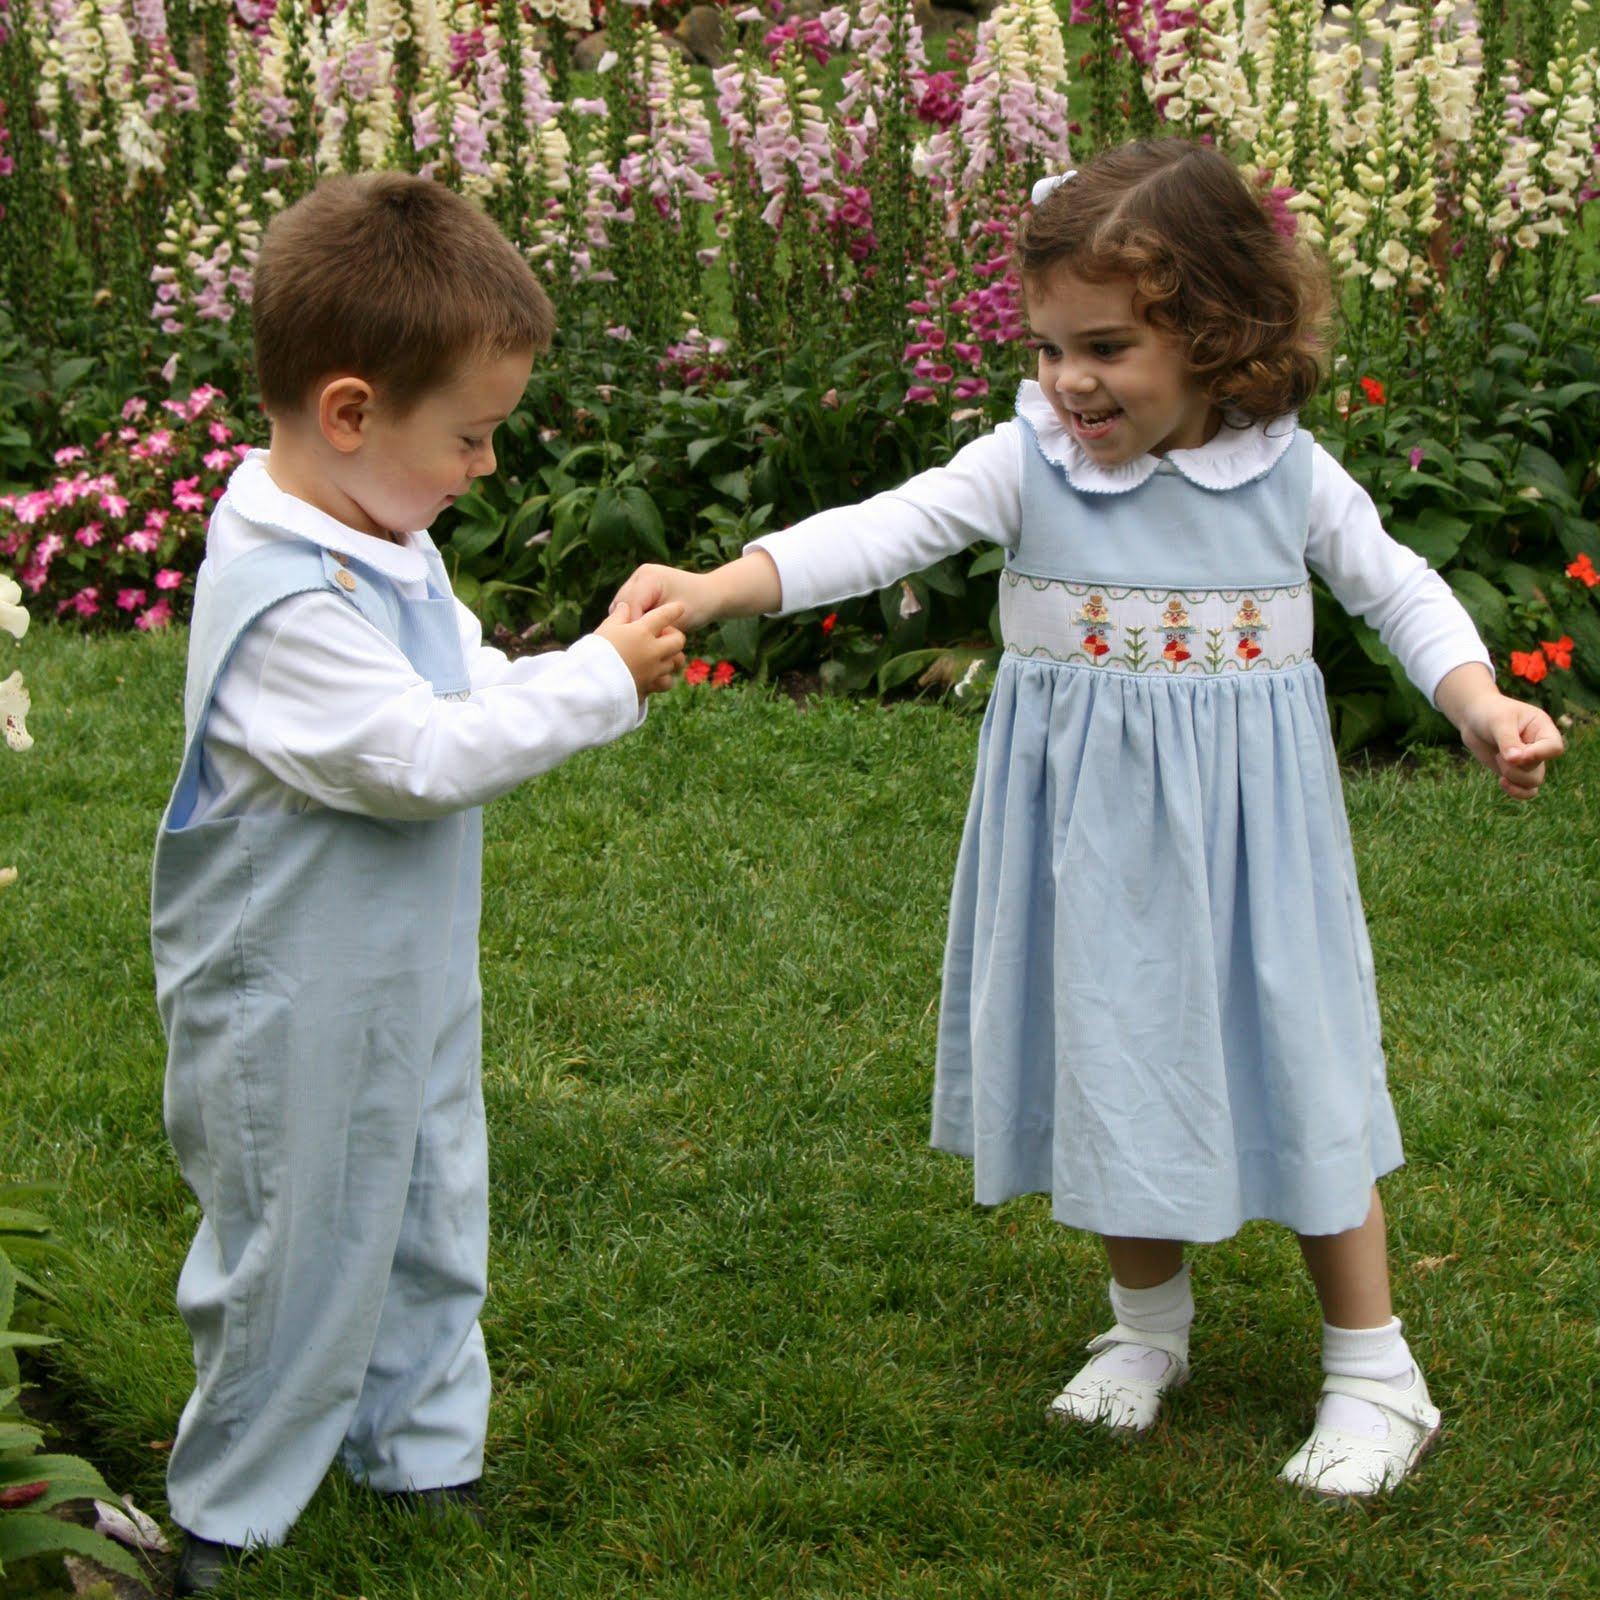 Best baby clothing ~ smocked dresses, bishop dress, smocked dress